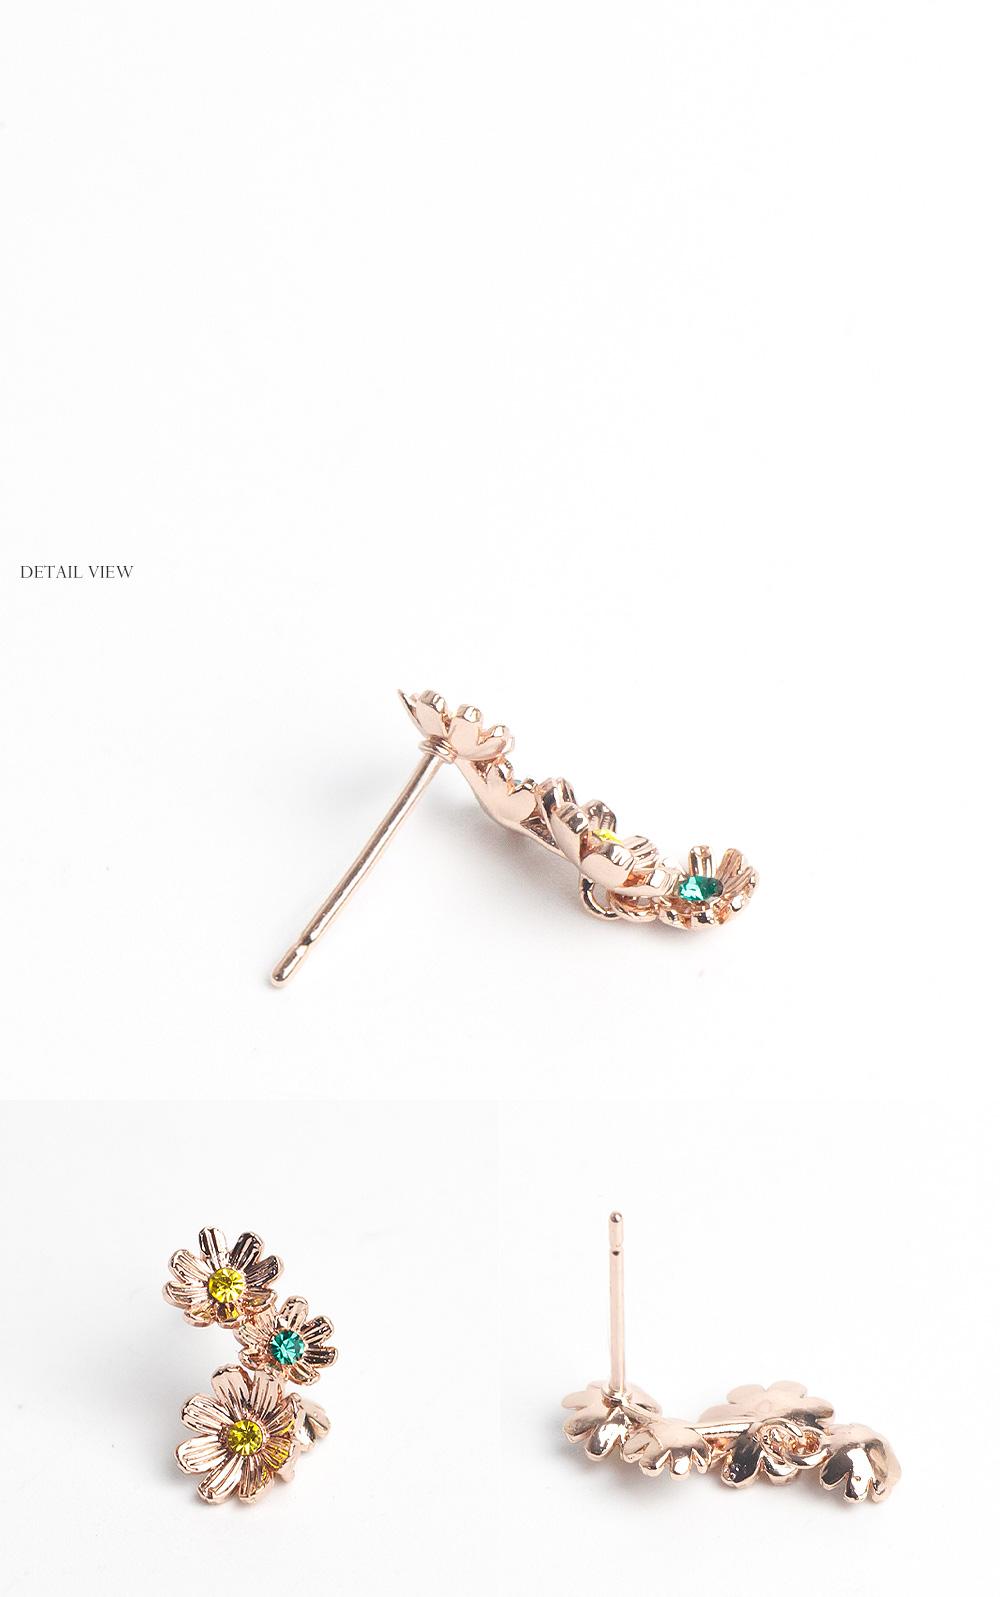 [스와로브스키] 아라모드 플라워 언발 귀걸이 - 폭스타일, 12,000원, 진주/원석, 드롭귀걸이